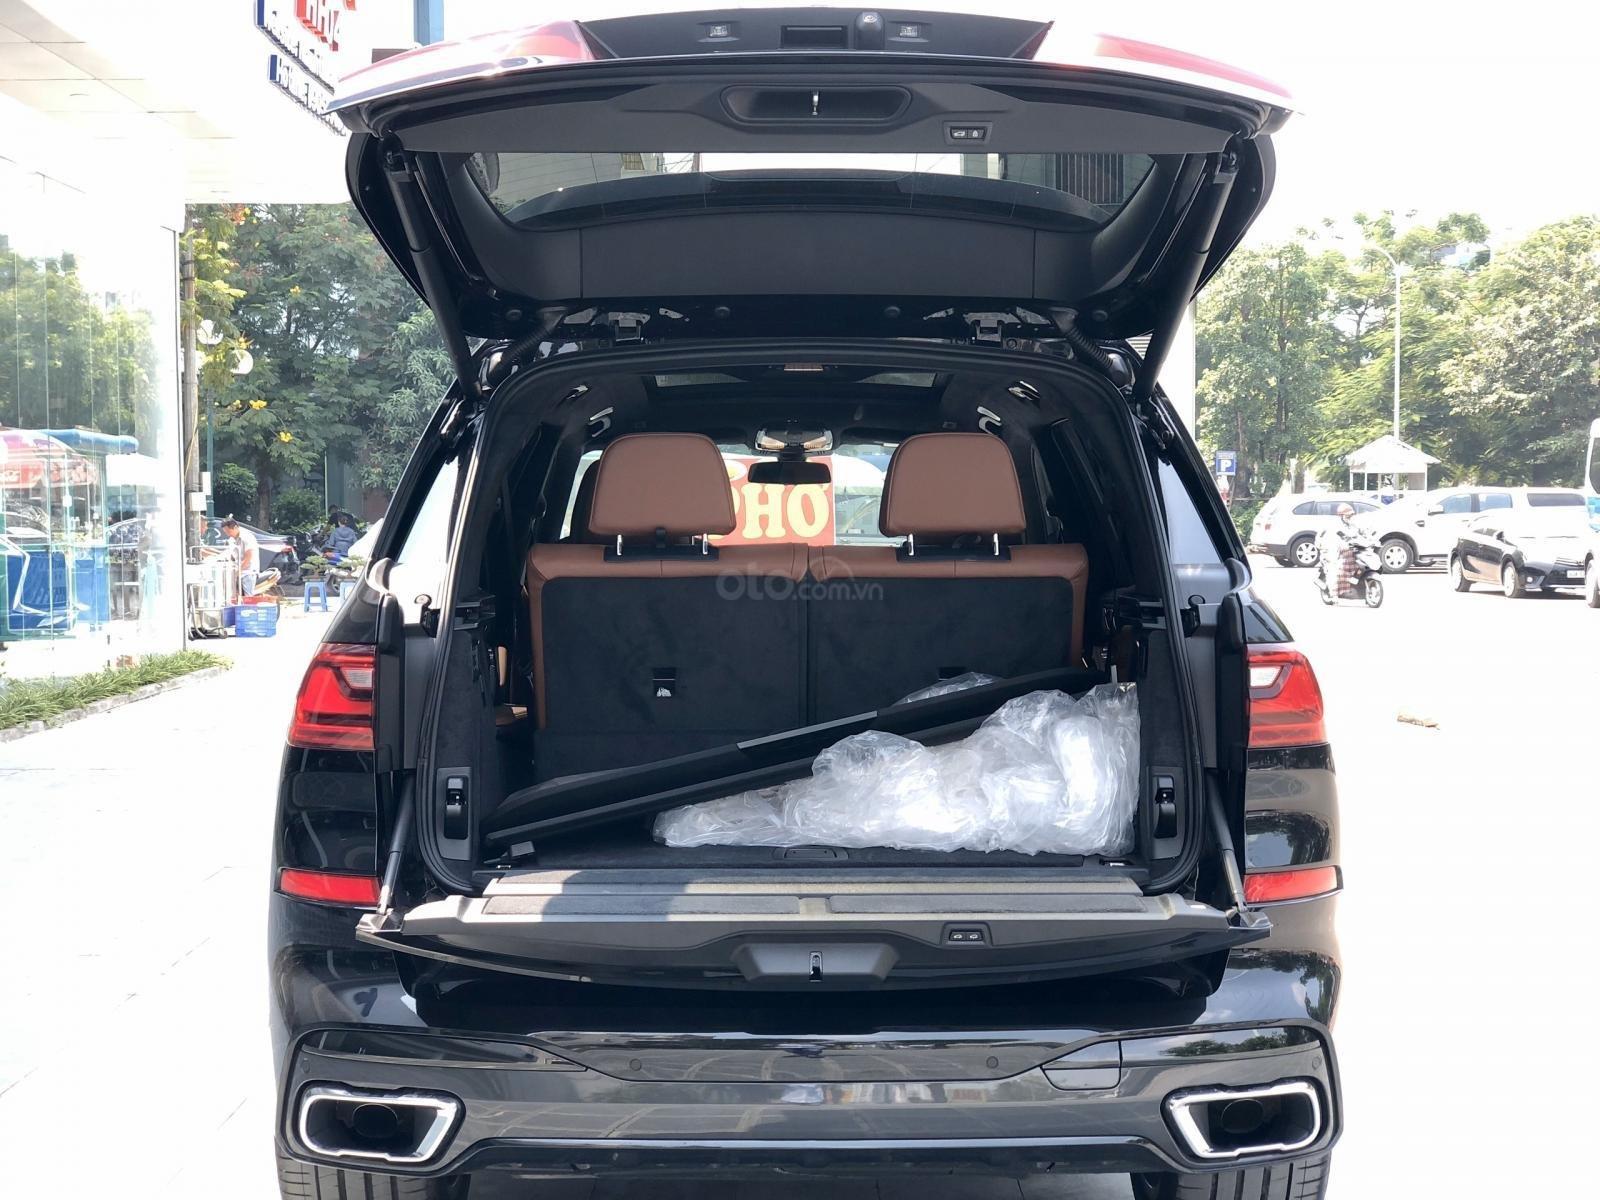 Bán BMW X7 xDrive 40i 2019 Hồ Chí Minh, giá tốt giao xe ngay toàn quốc, LH trực tiếp 0844.177.222 (10)